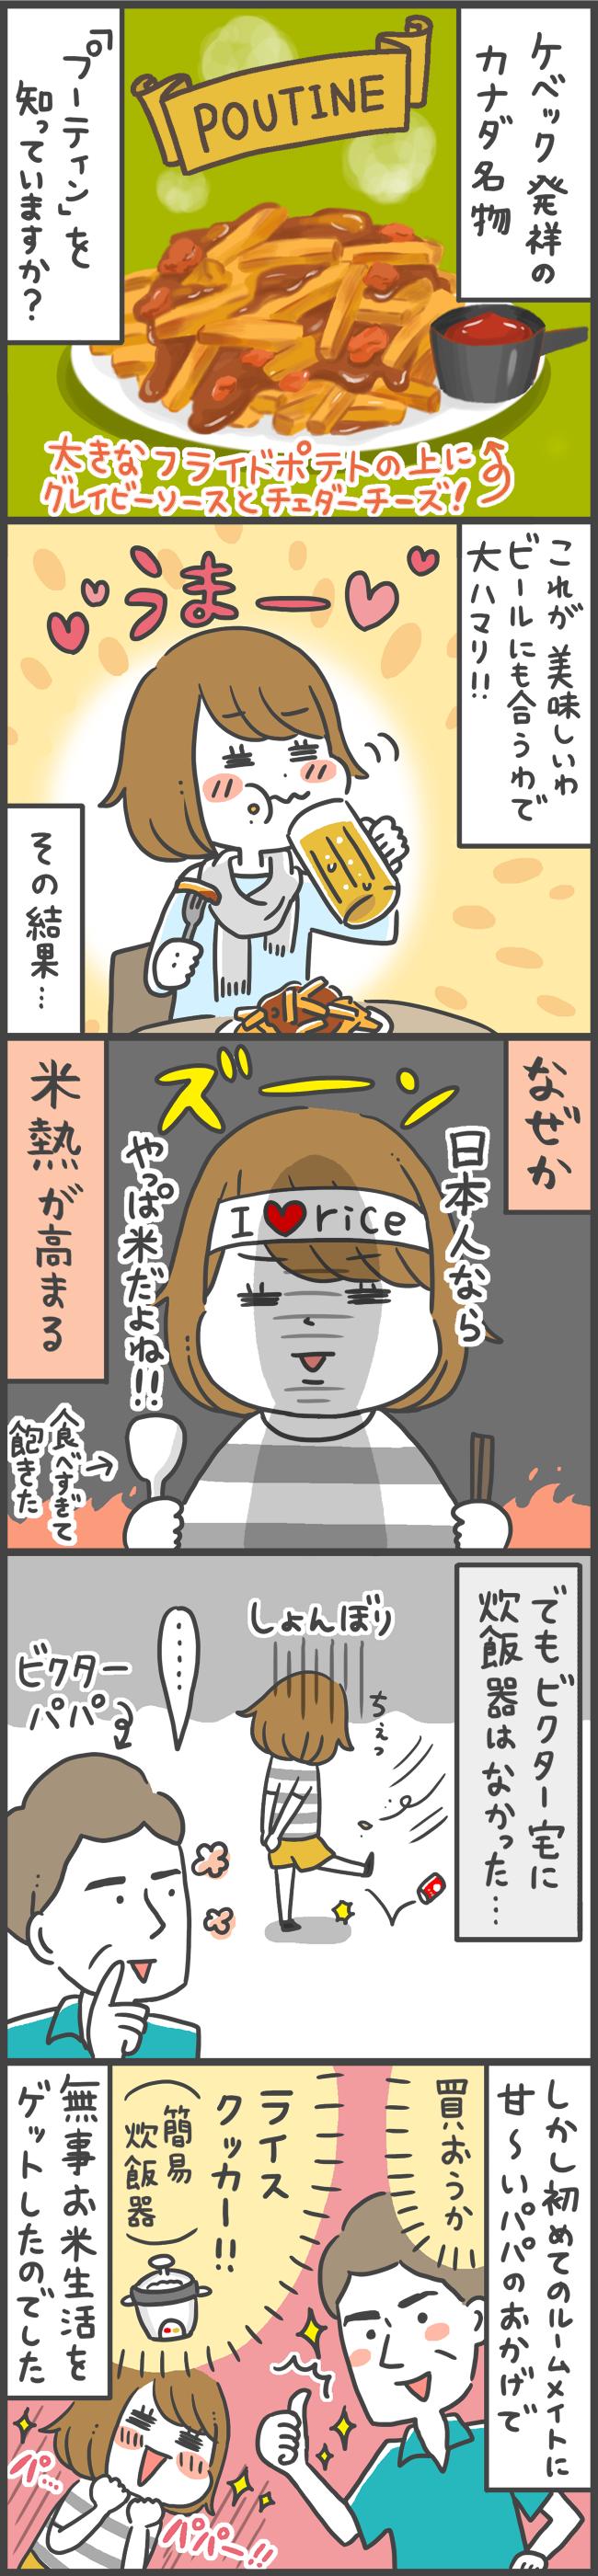 みさPさん・あきばさんのWebマンガ第6回